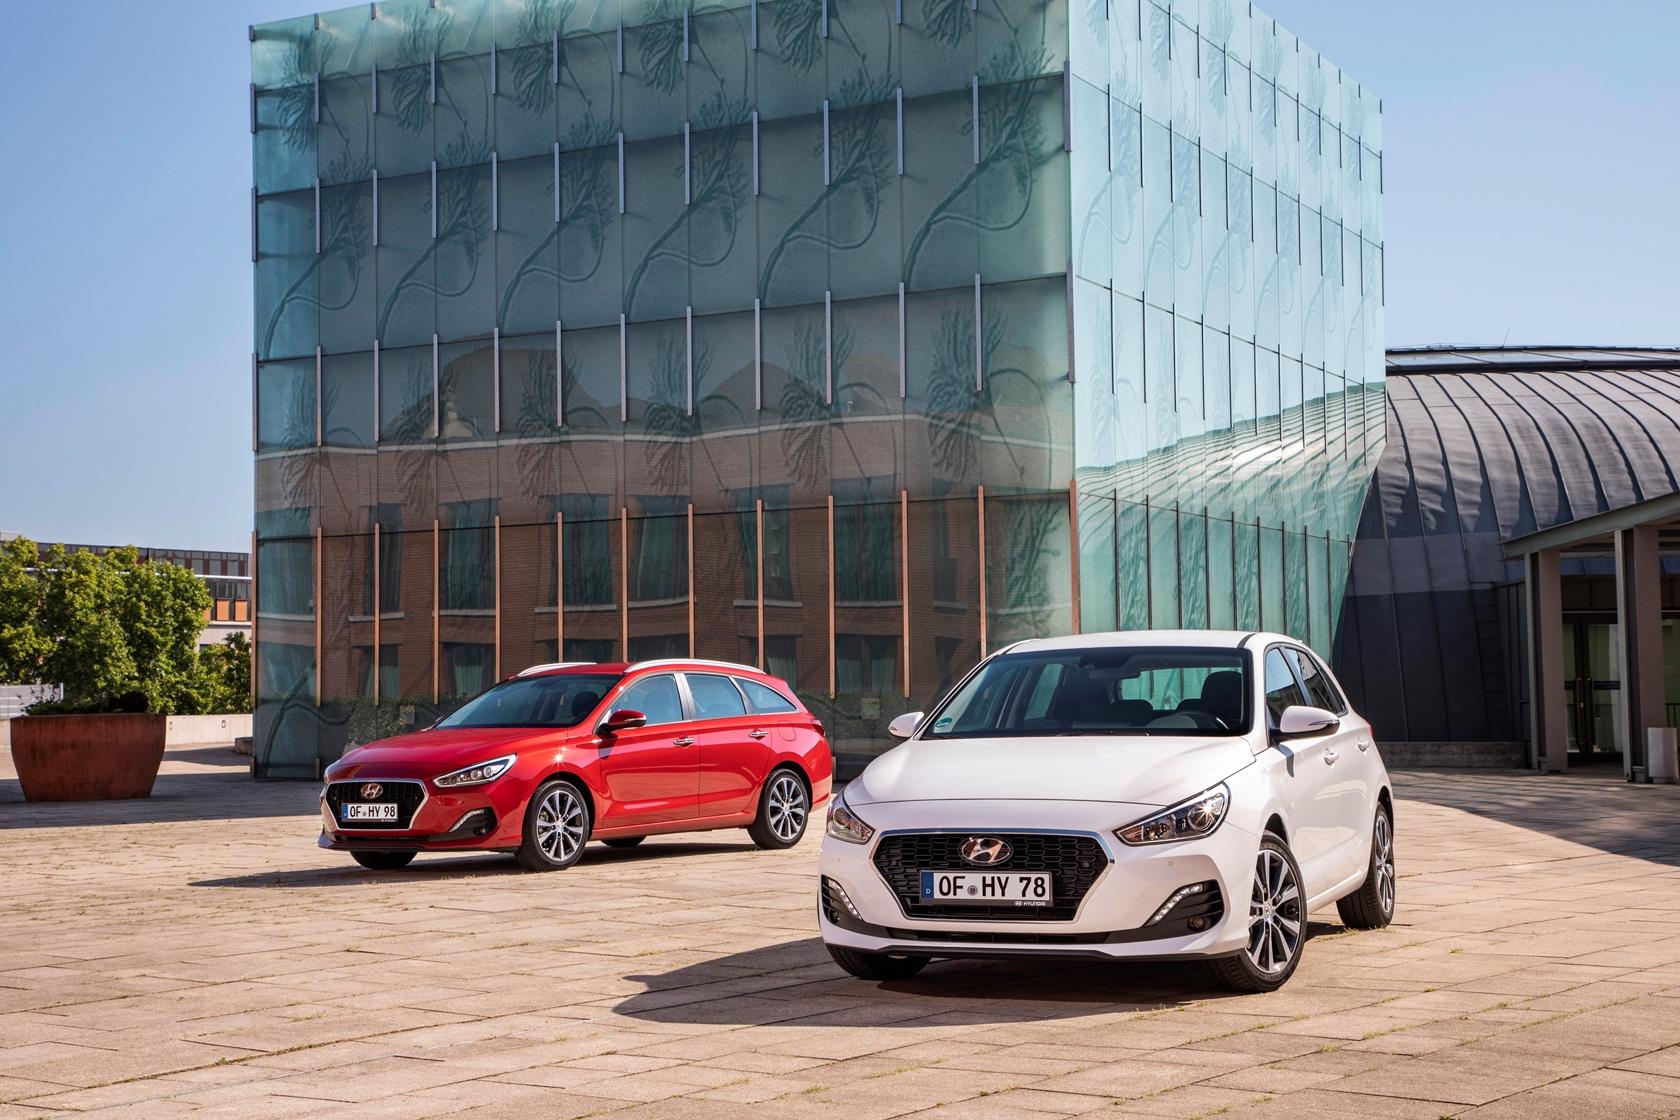 Дизельное семейство Hyundai i30 подготовили к новым экологическим нормам